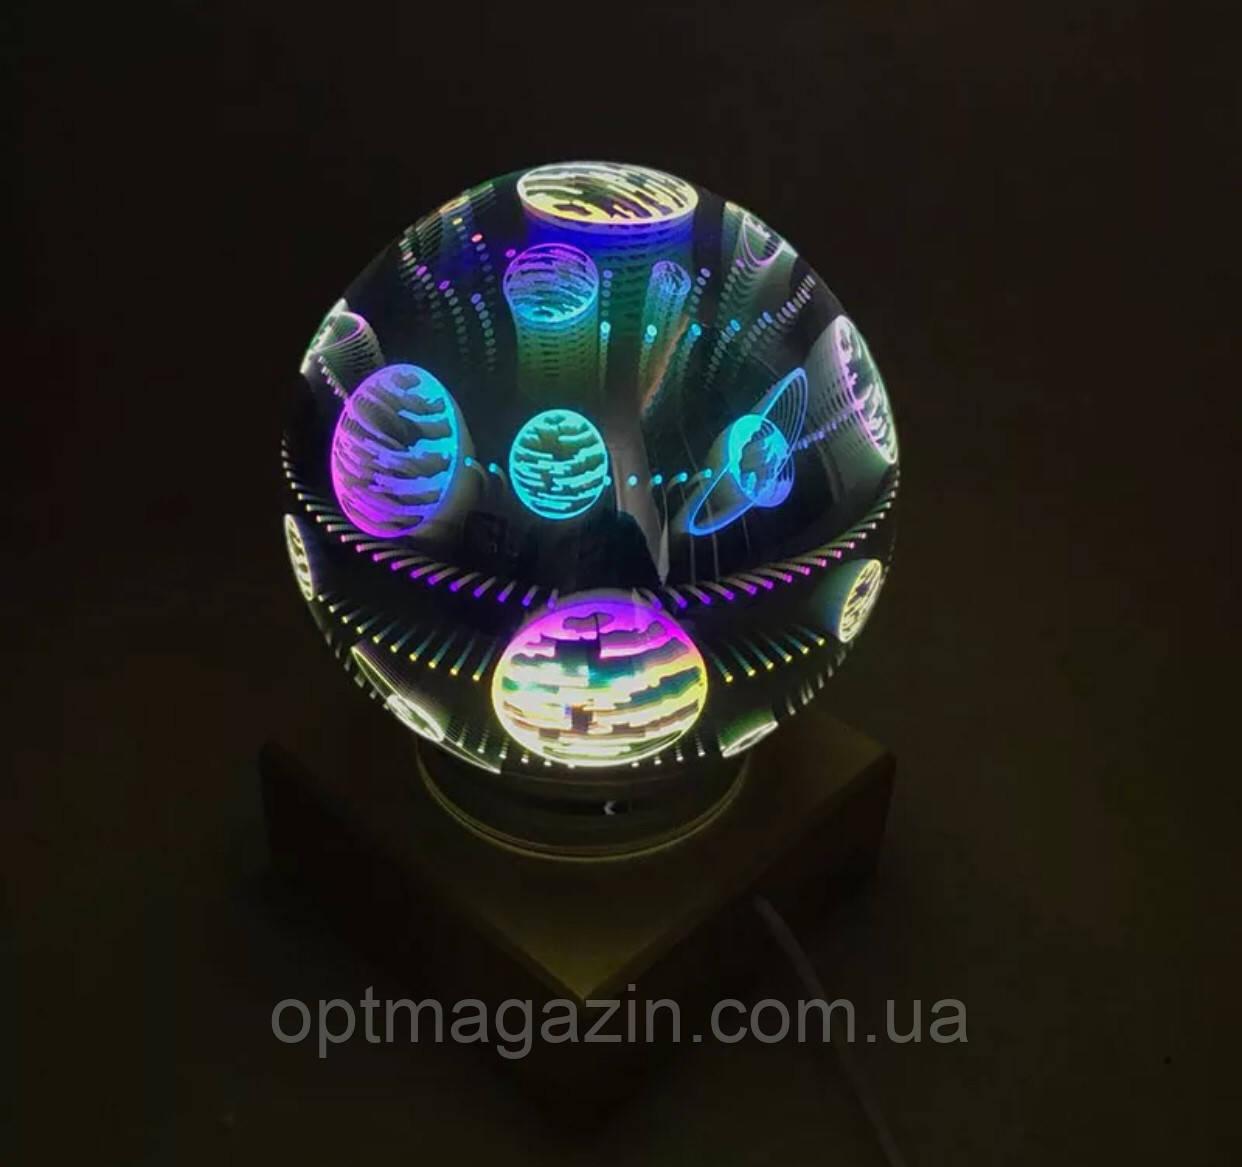 Куля нічник настільний з LED феєрверк\ 3d чарівний куля лампа